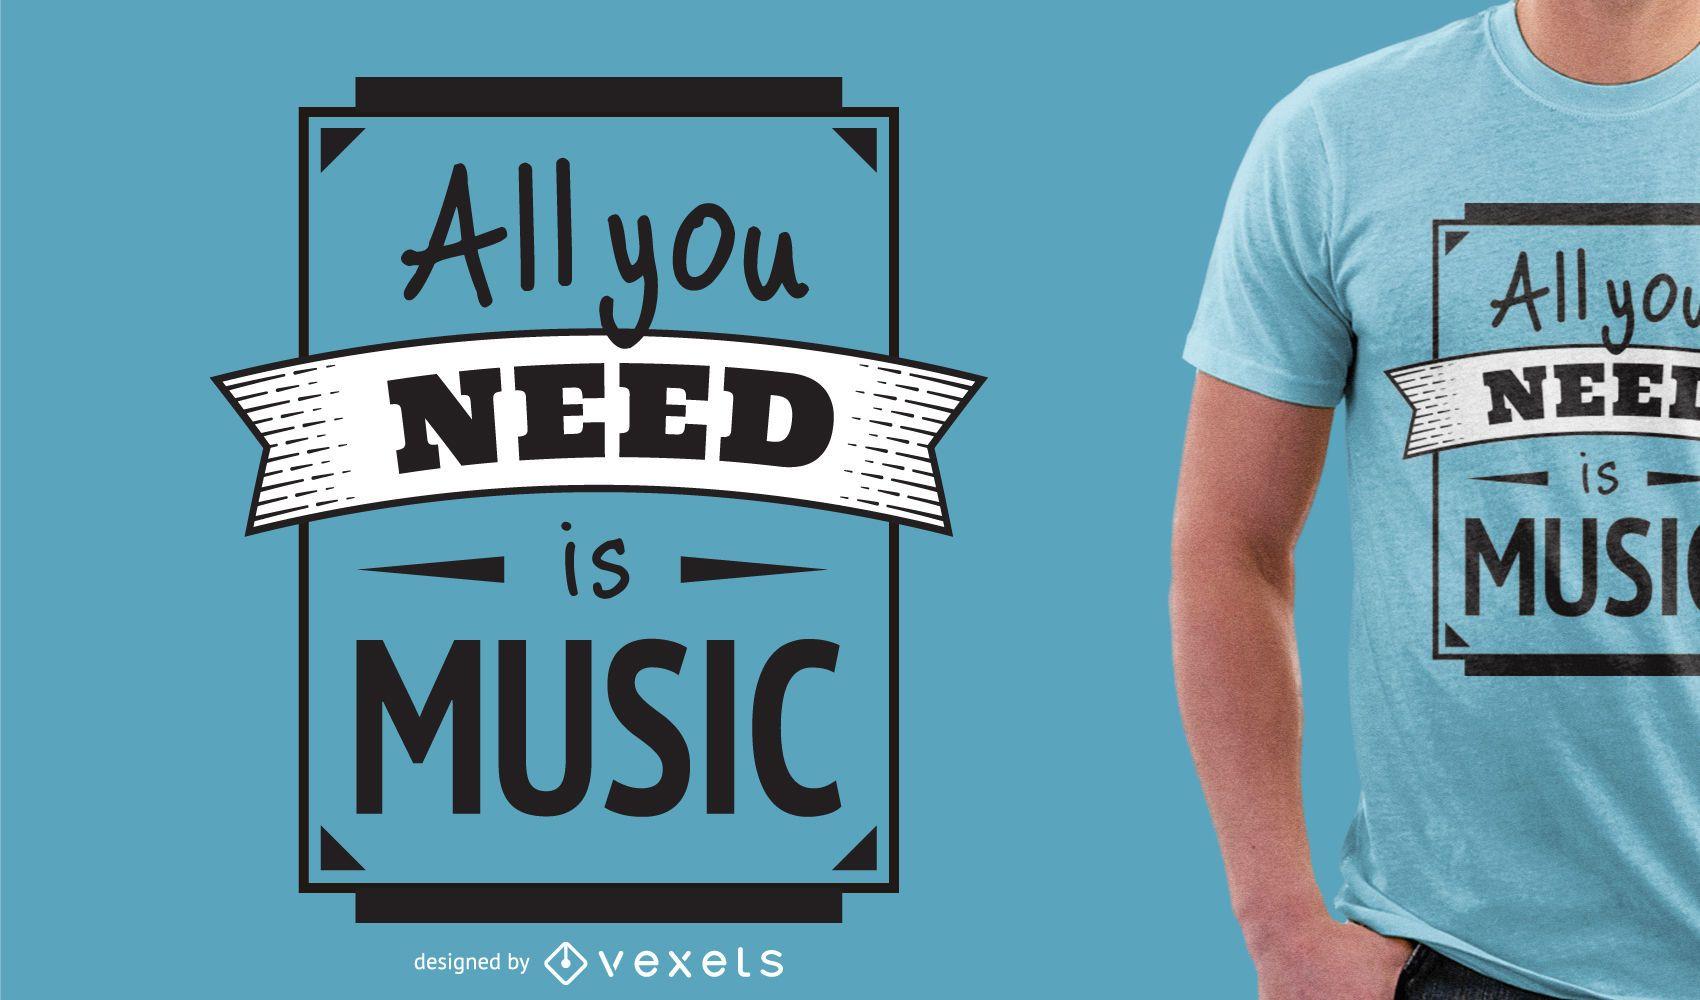 Tudo que você precisa é um design de camiseta musical